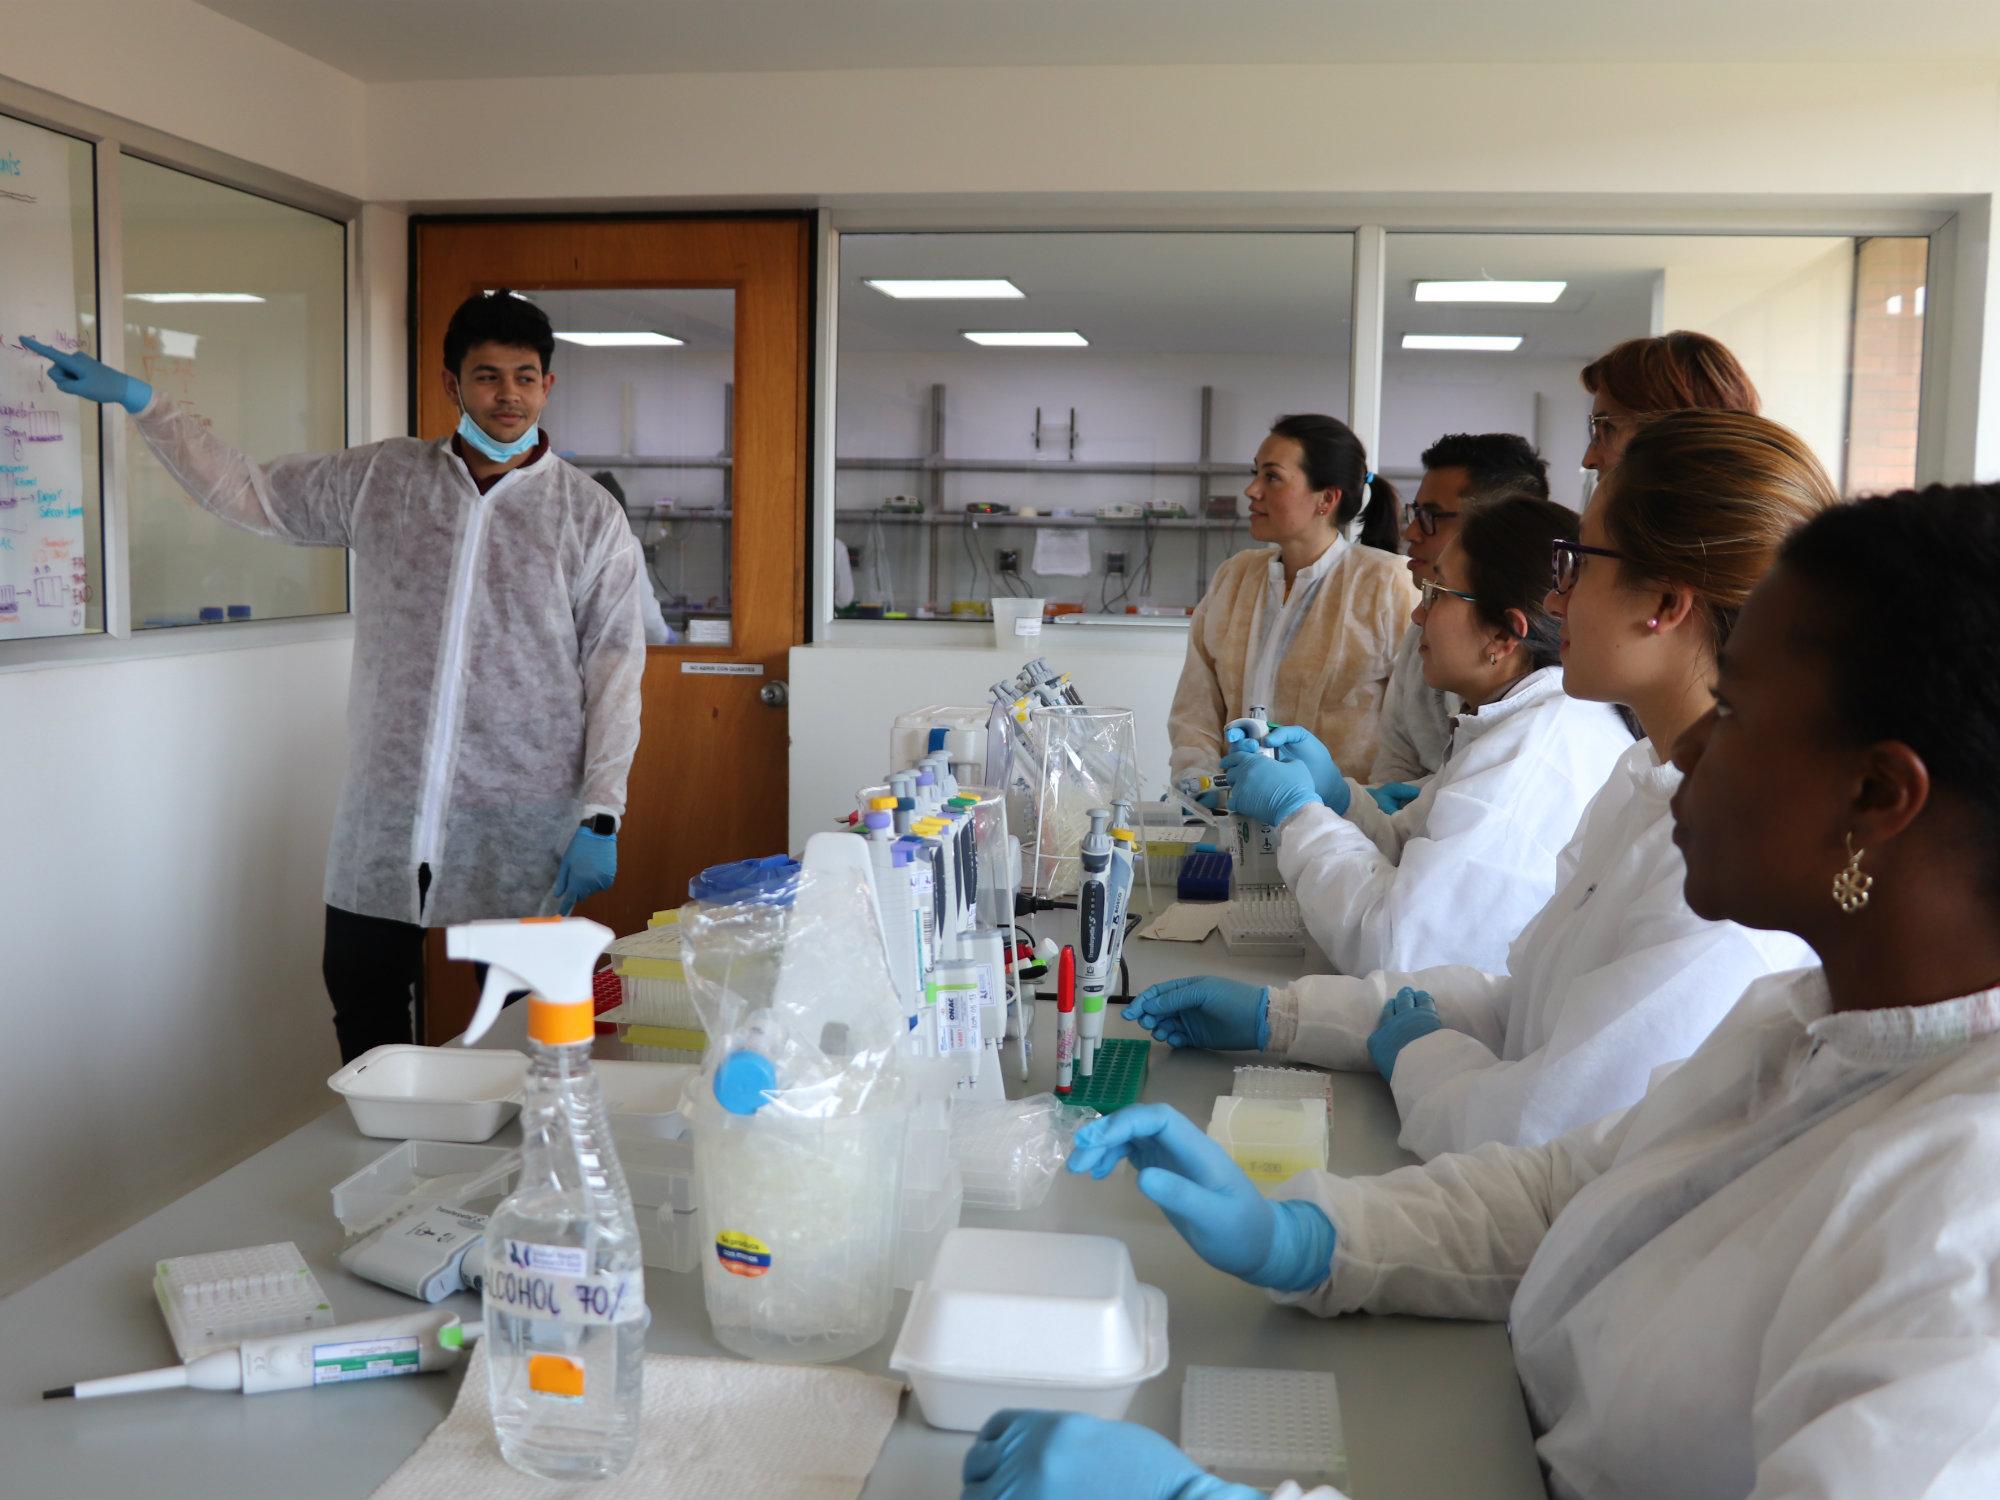 Con el apoyo del Instituto Sanger y la financiación del NIH del Reino Unido, AGROSAVIA se mantiene a la vanguardia en vigilancia genómica inteligente de la resistencia antimicrobiana